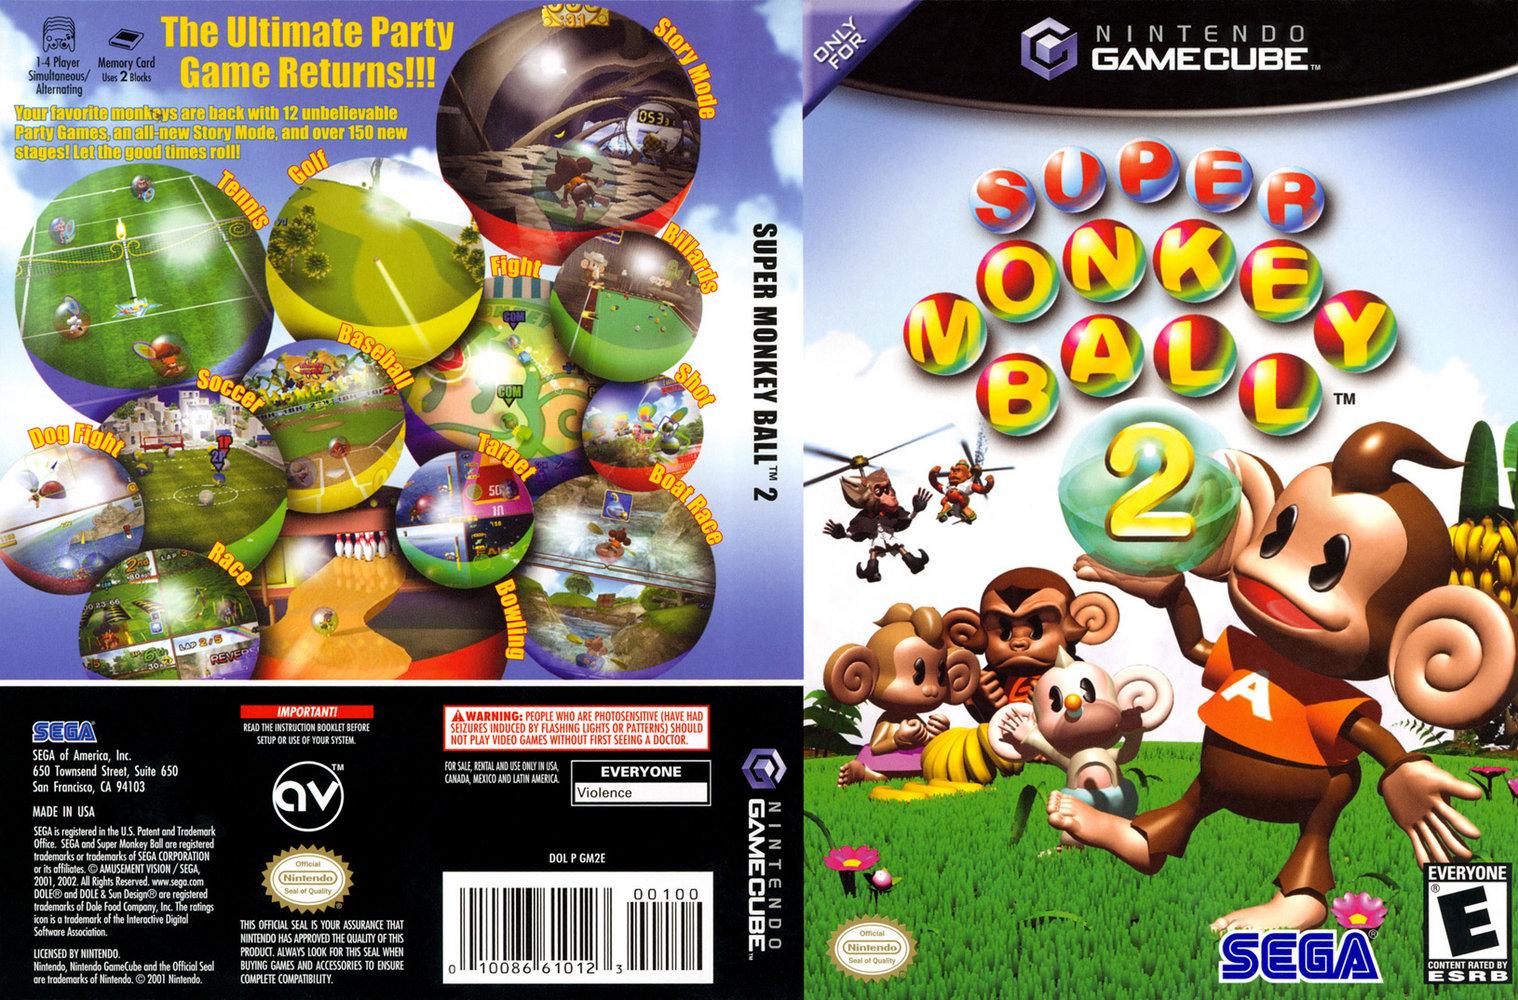 Games de GC convertidos para Wii U Super%20Monkey%20Ball%202